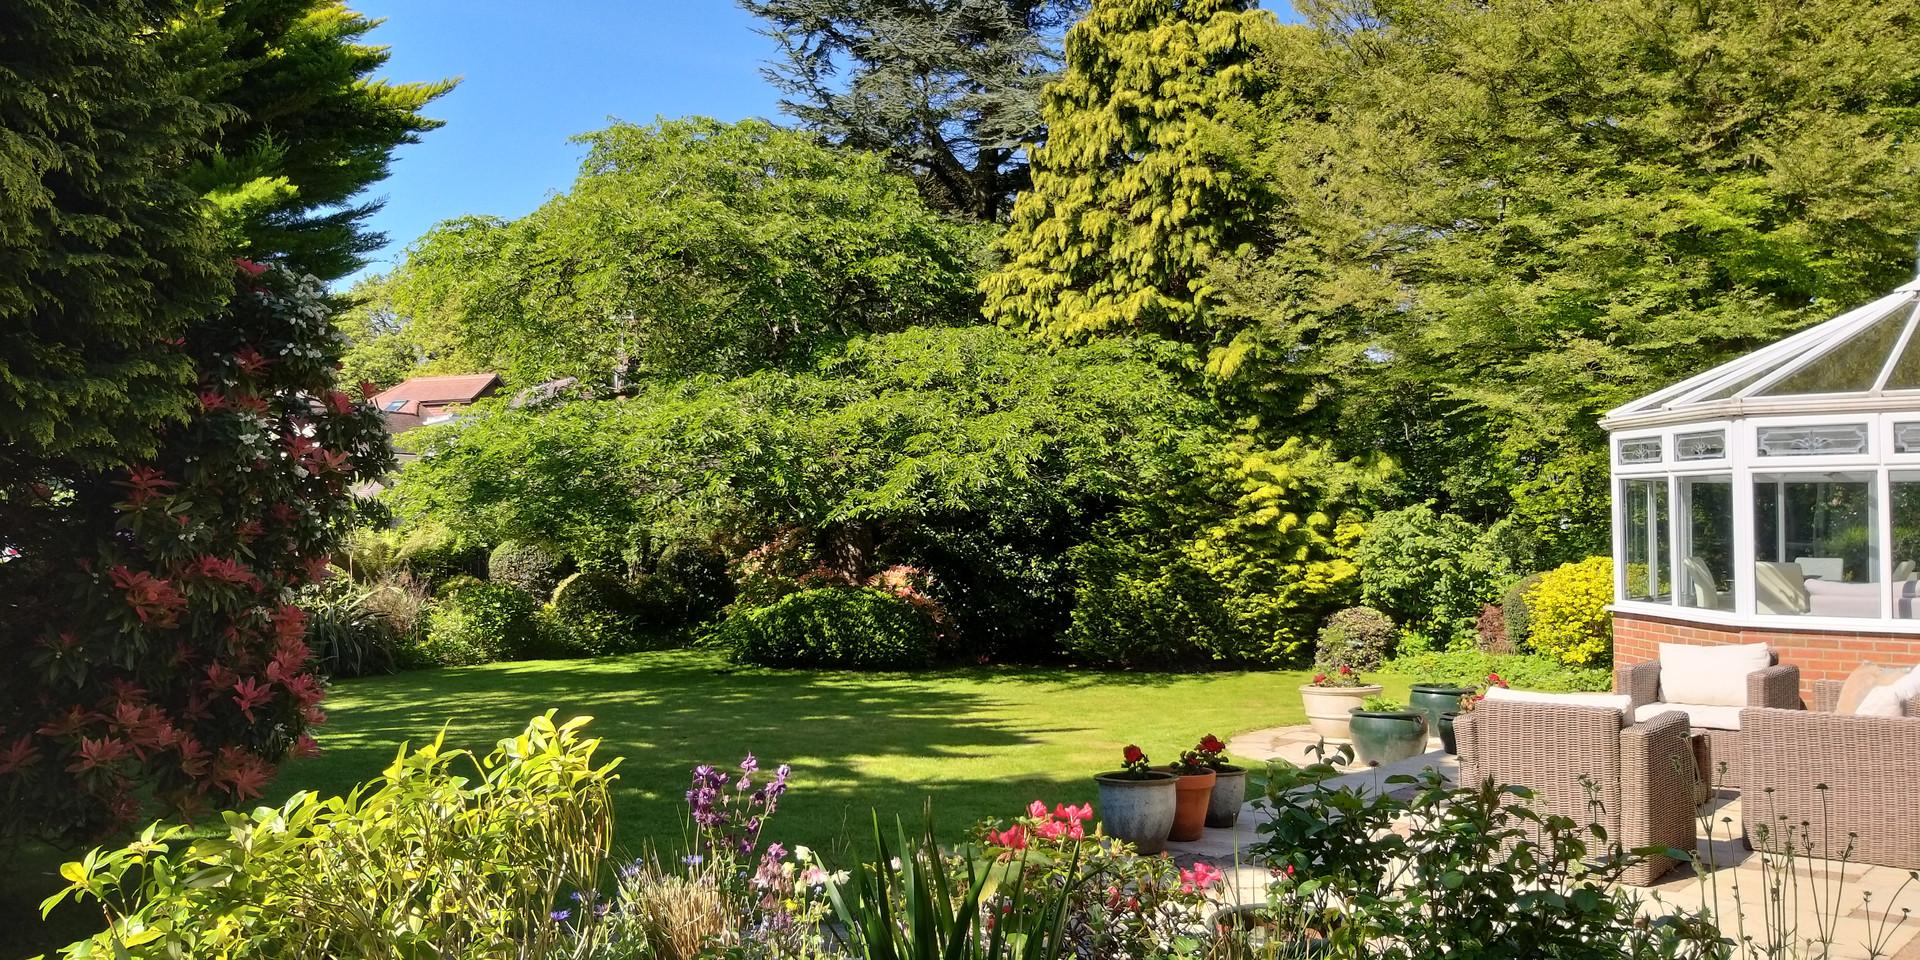 Hillingford Garden 1